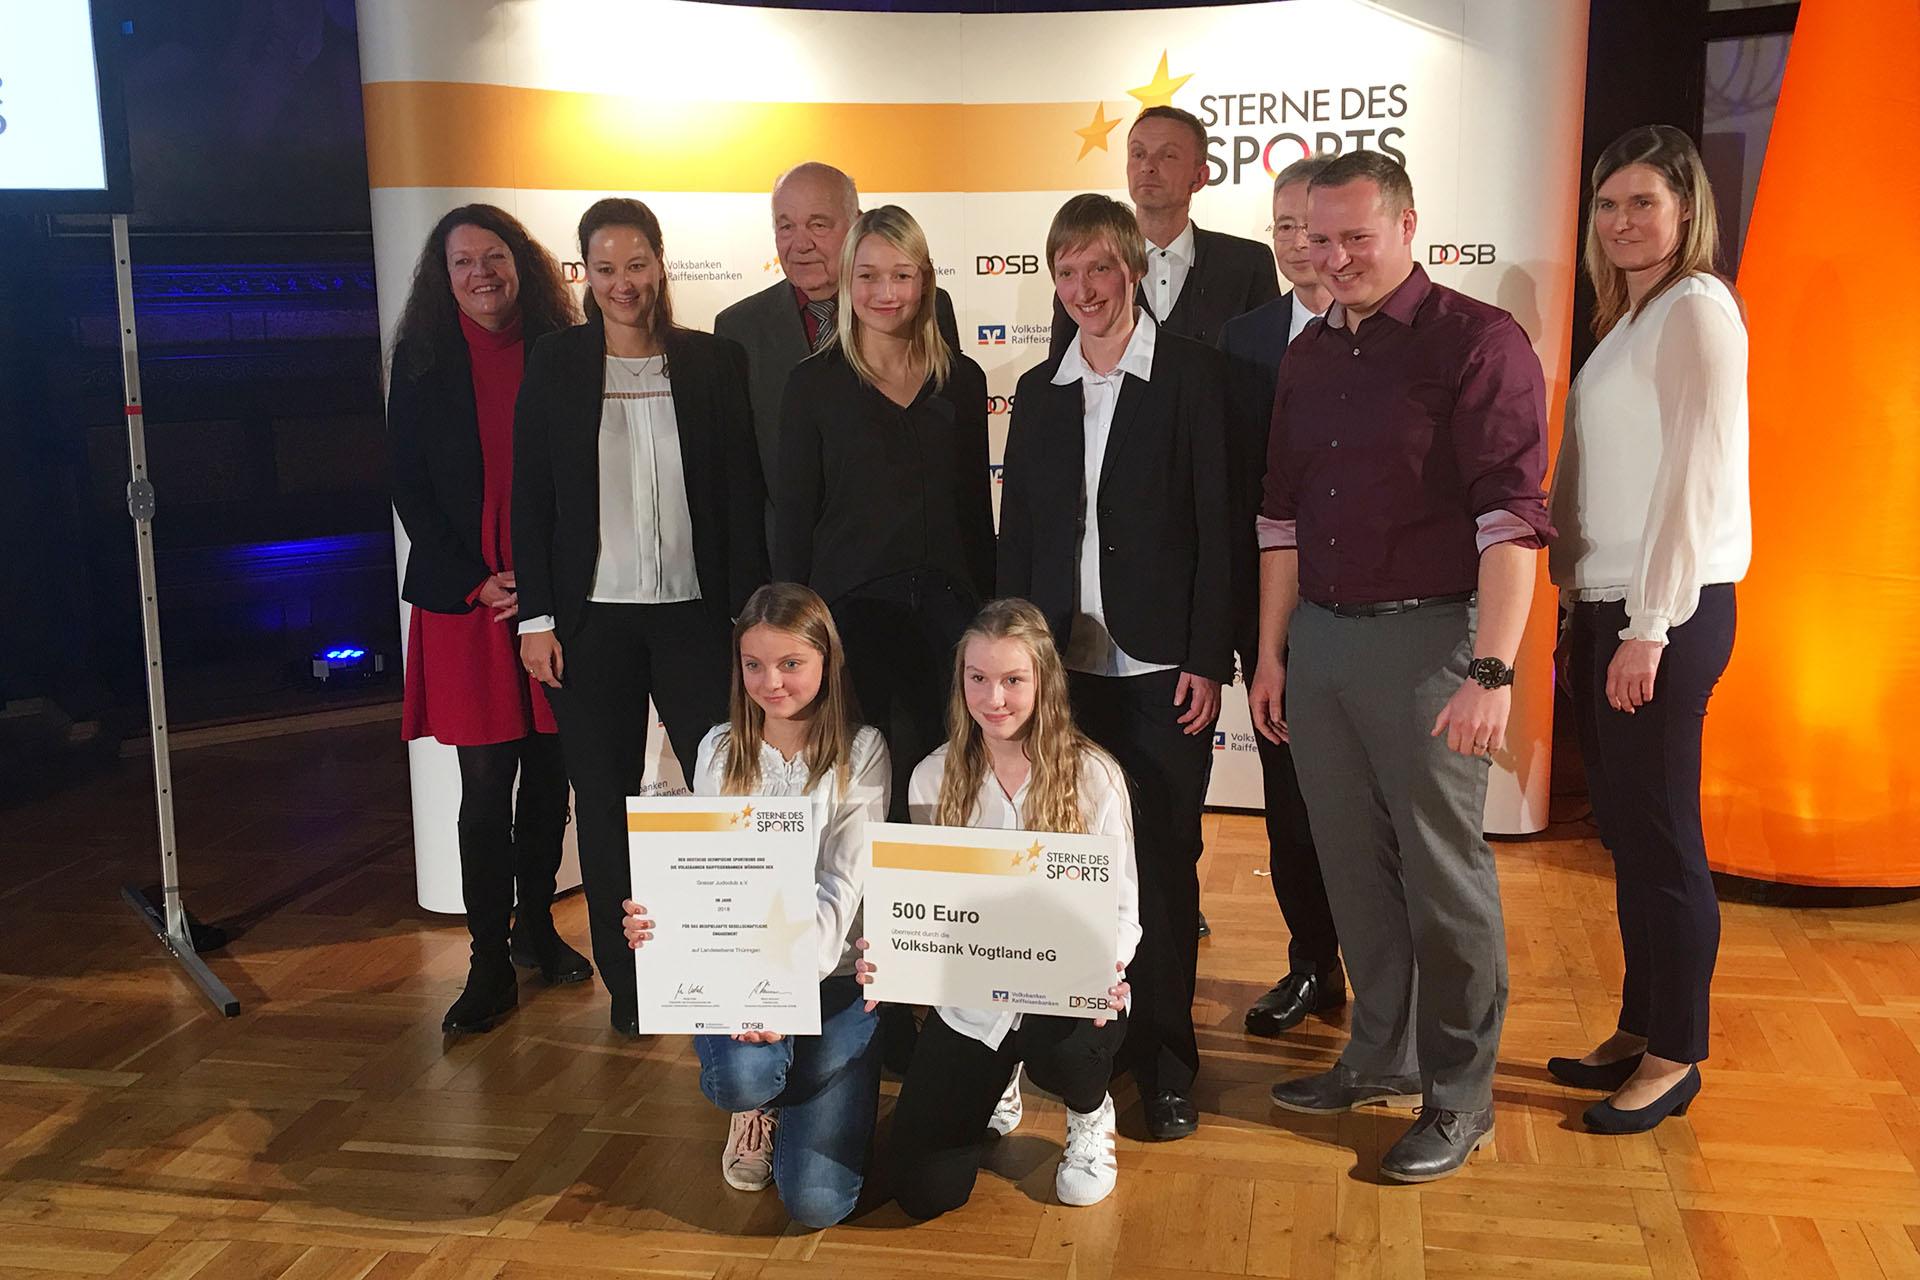 Greizer Judoclub: Silberner Stern des Sports in Thüringen verliehen